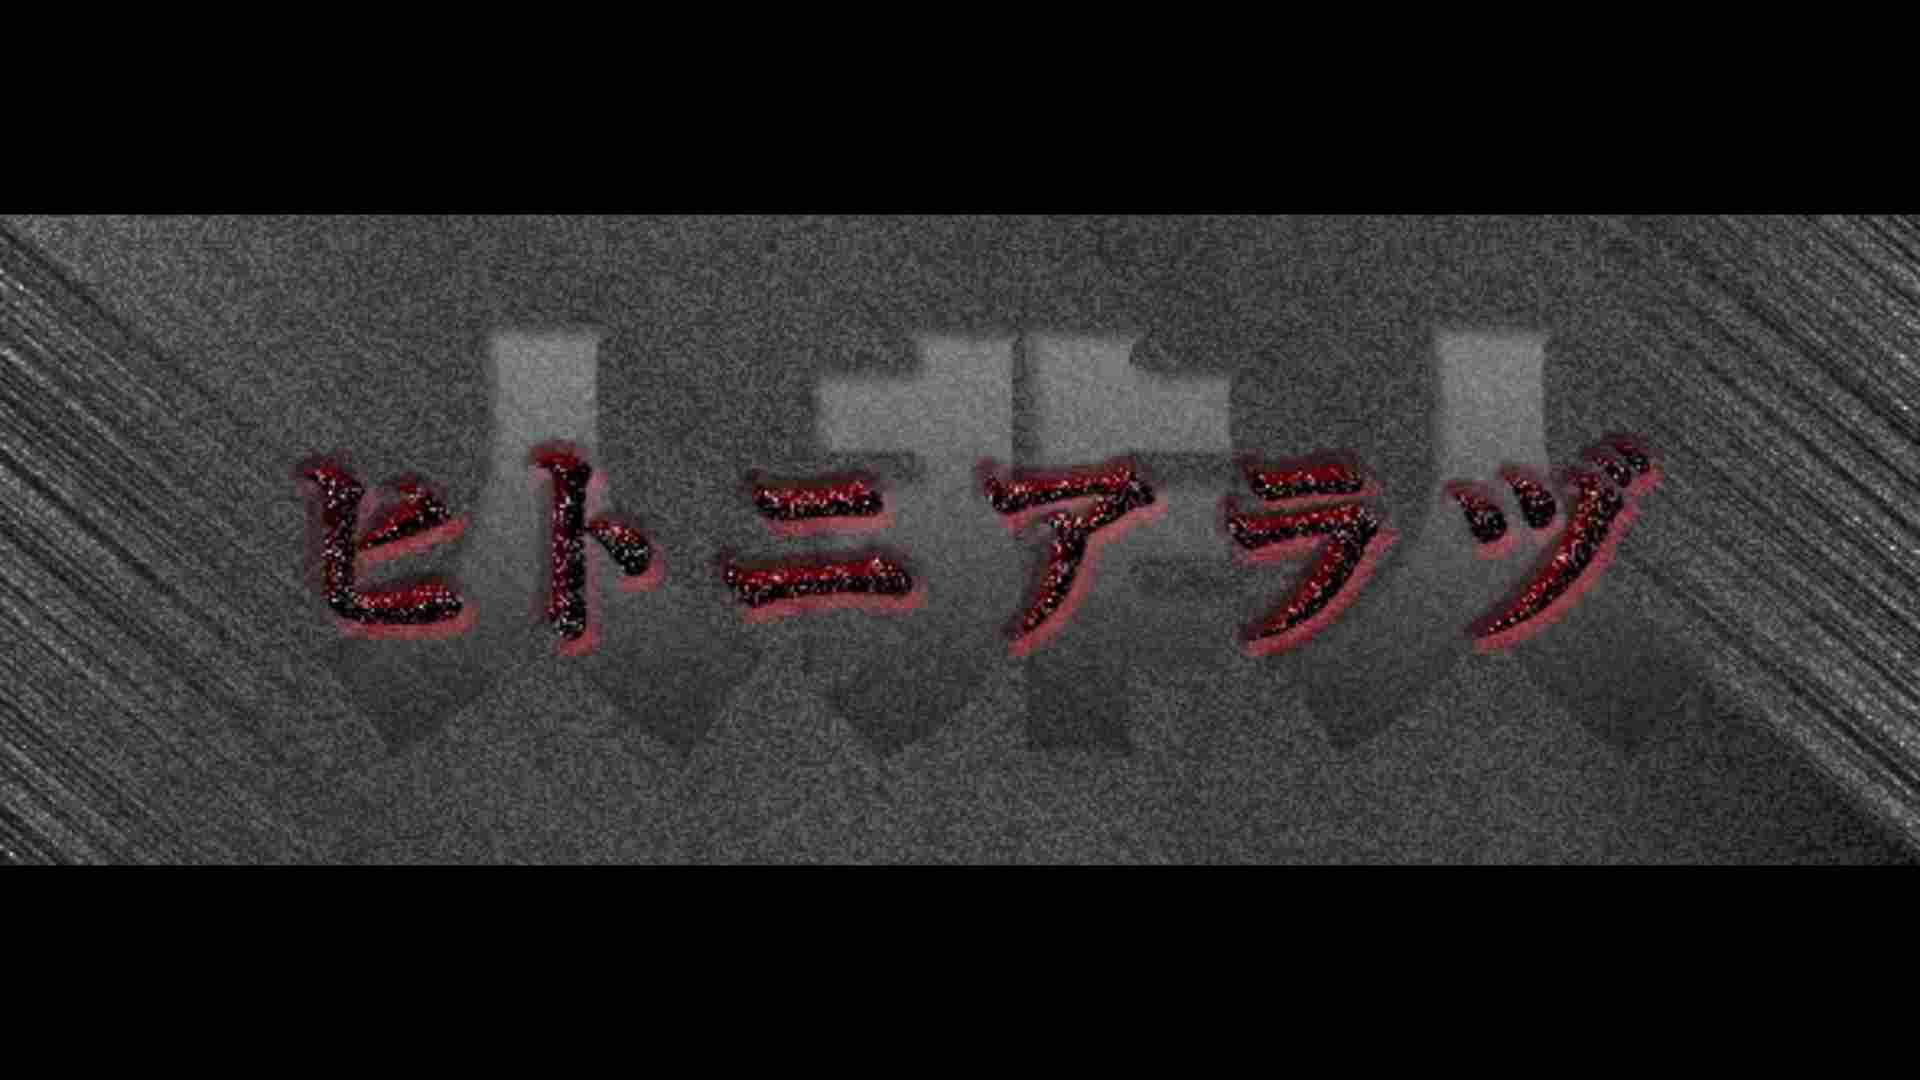 ヒトニアラヅNo.02 姿と全体の流れを公開 ギャル  60PIX 13